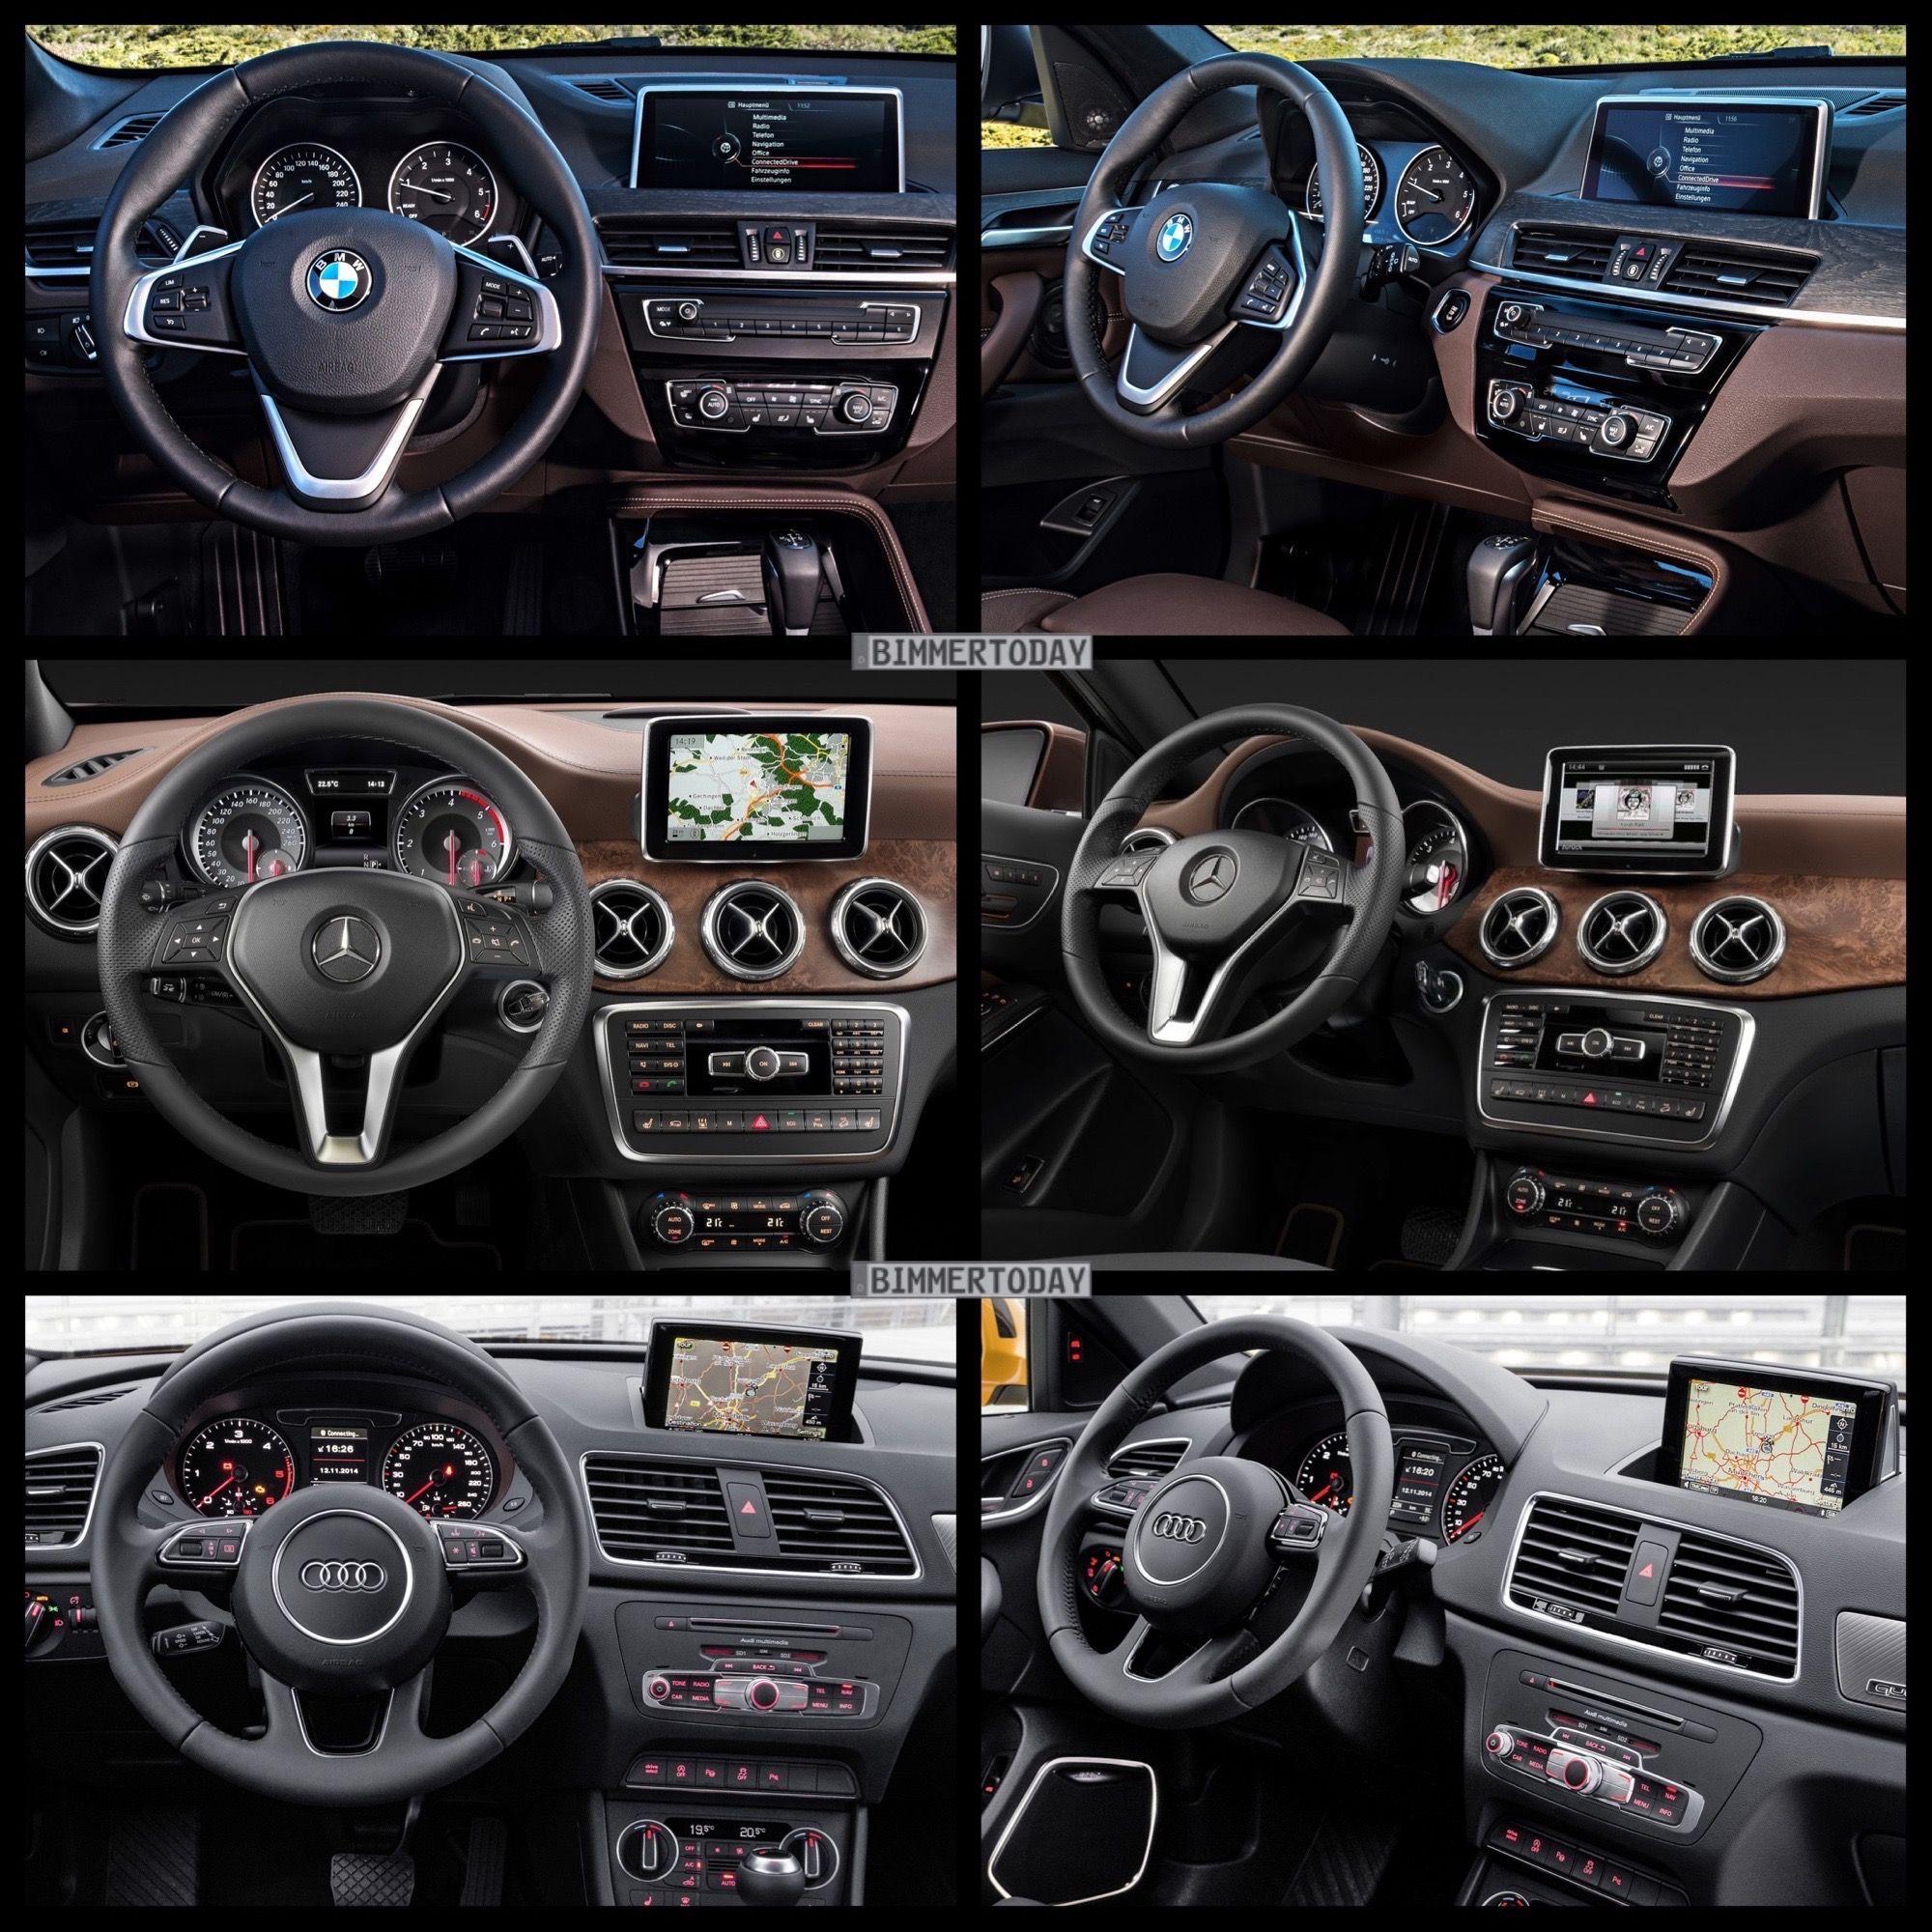 2016 BMW X1 Vs. Audi Q3 Vs. Mercedes GLA